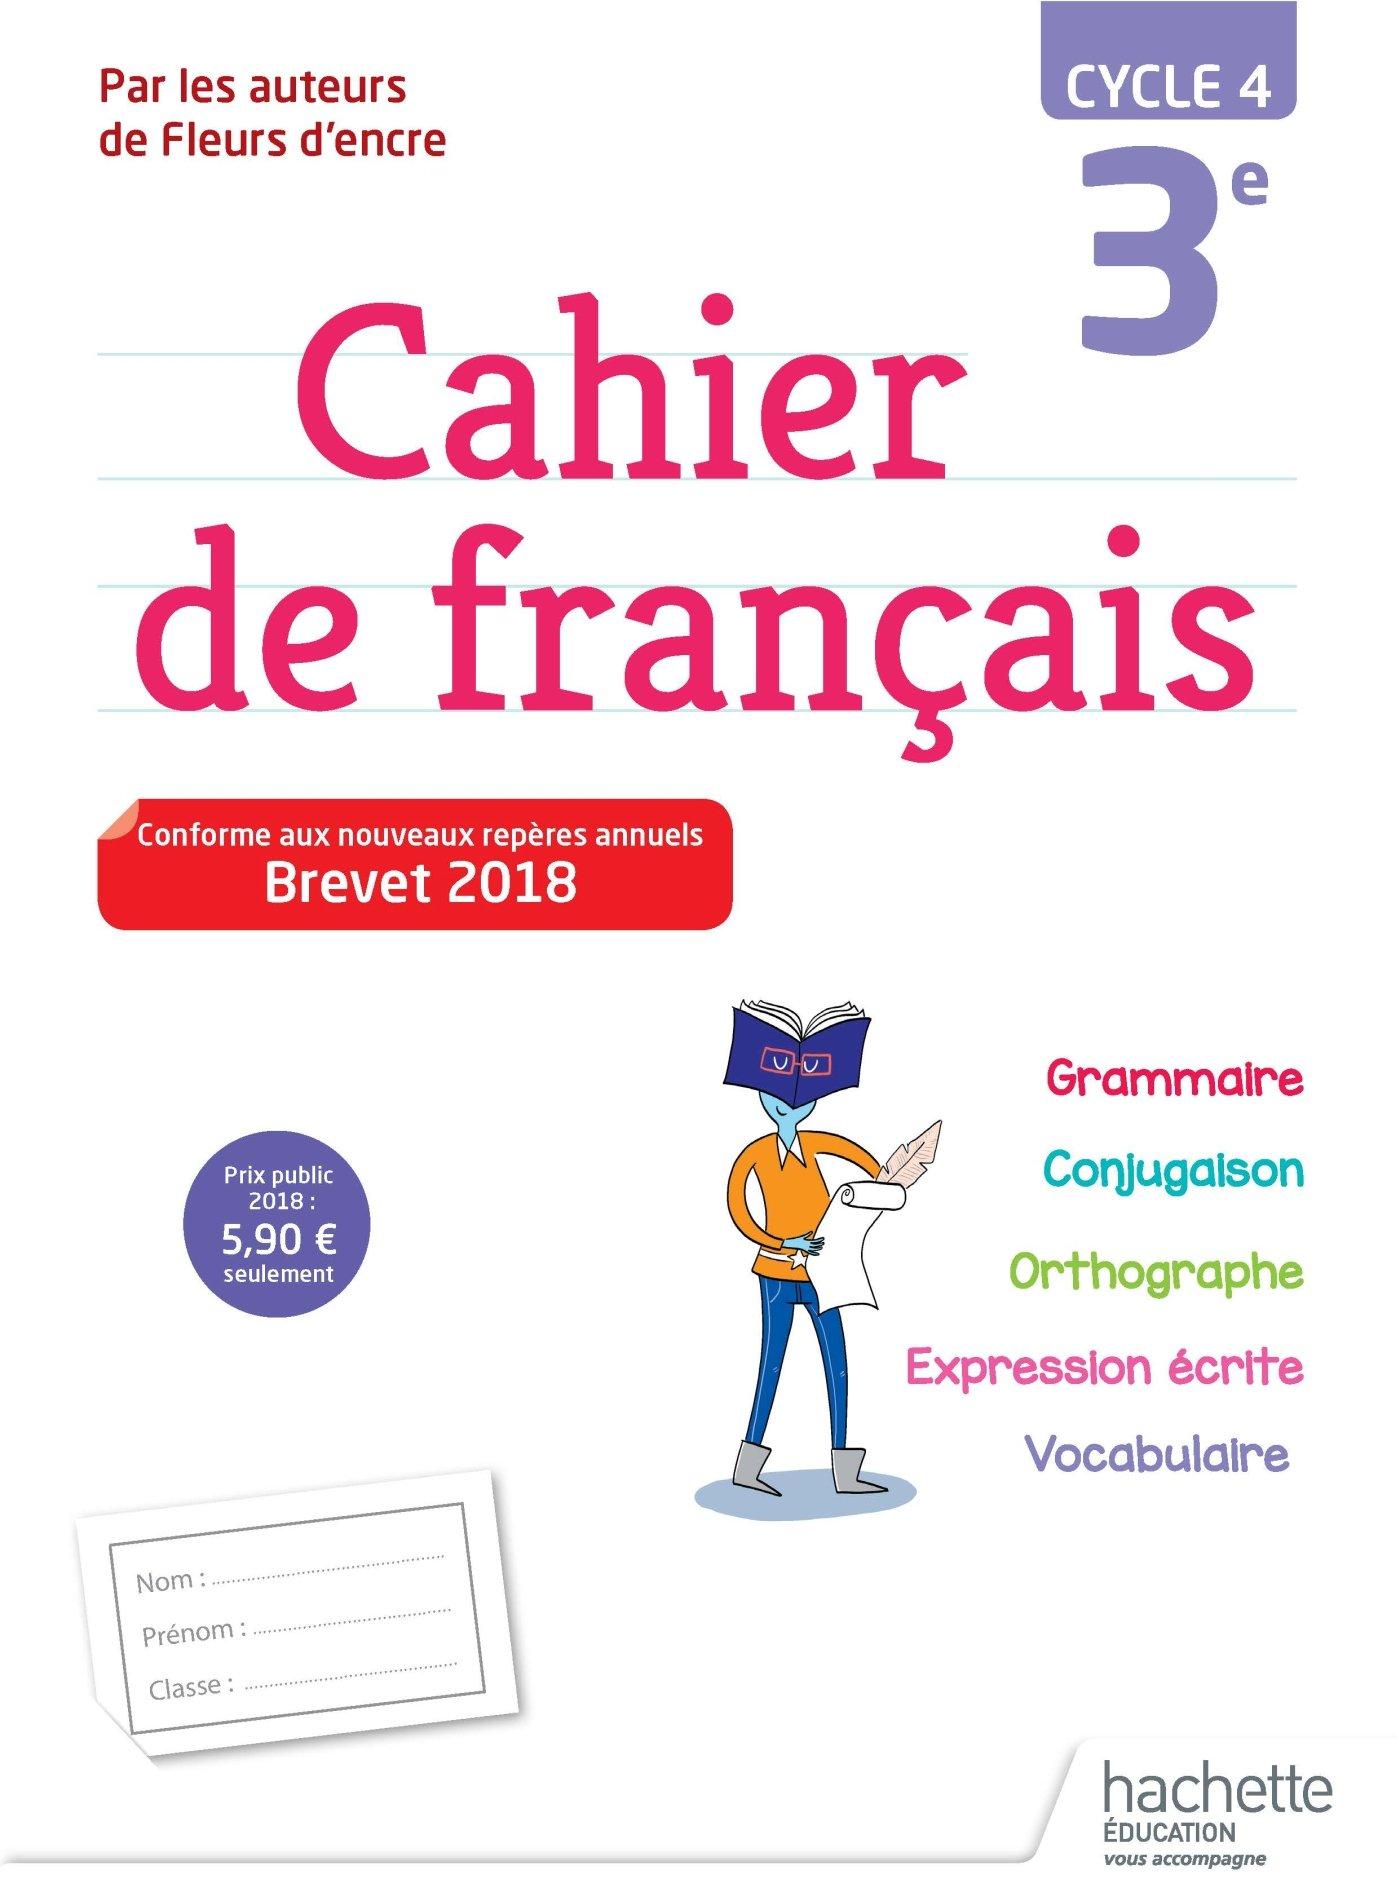 Cahier de français cycle 4 / 3e - Ed. 2018 Broché – 5 septembre 2018 Chantal Bertagna Carrier Hachette Éducation 2013953496